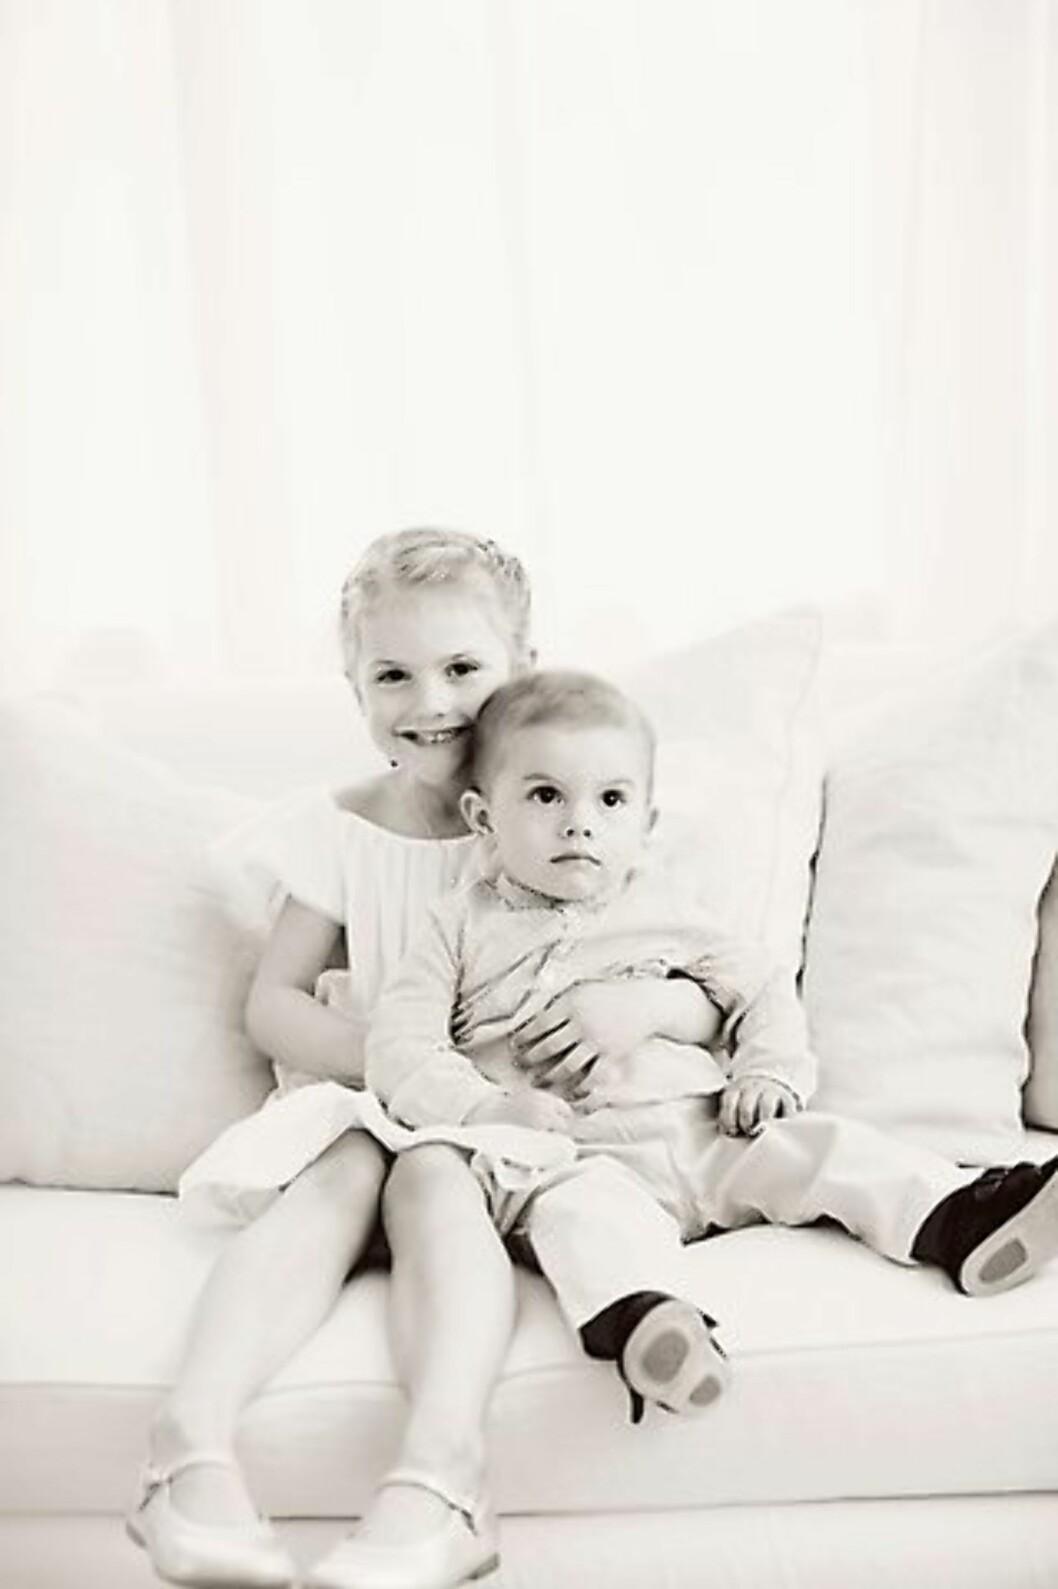 BROR OG SØSTER: Det er fire år som skiller prinsesse Estelle og prins Oscar. Han sitter trygt i sin søsters favn. Foto: Erika Gerdemark / Kungahuset.se